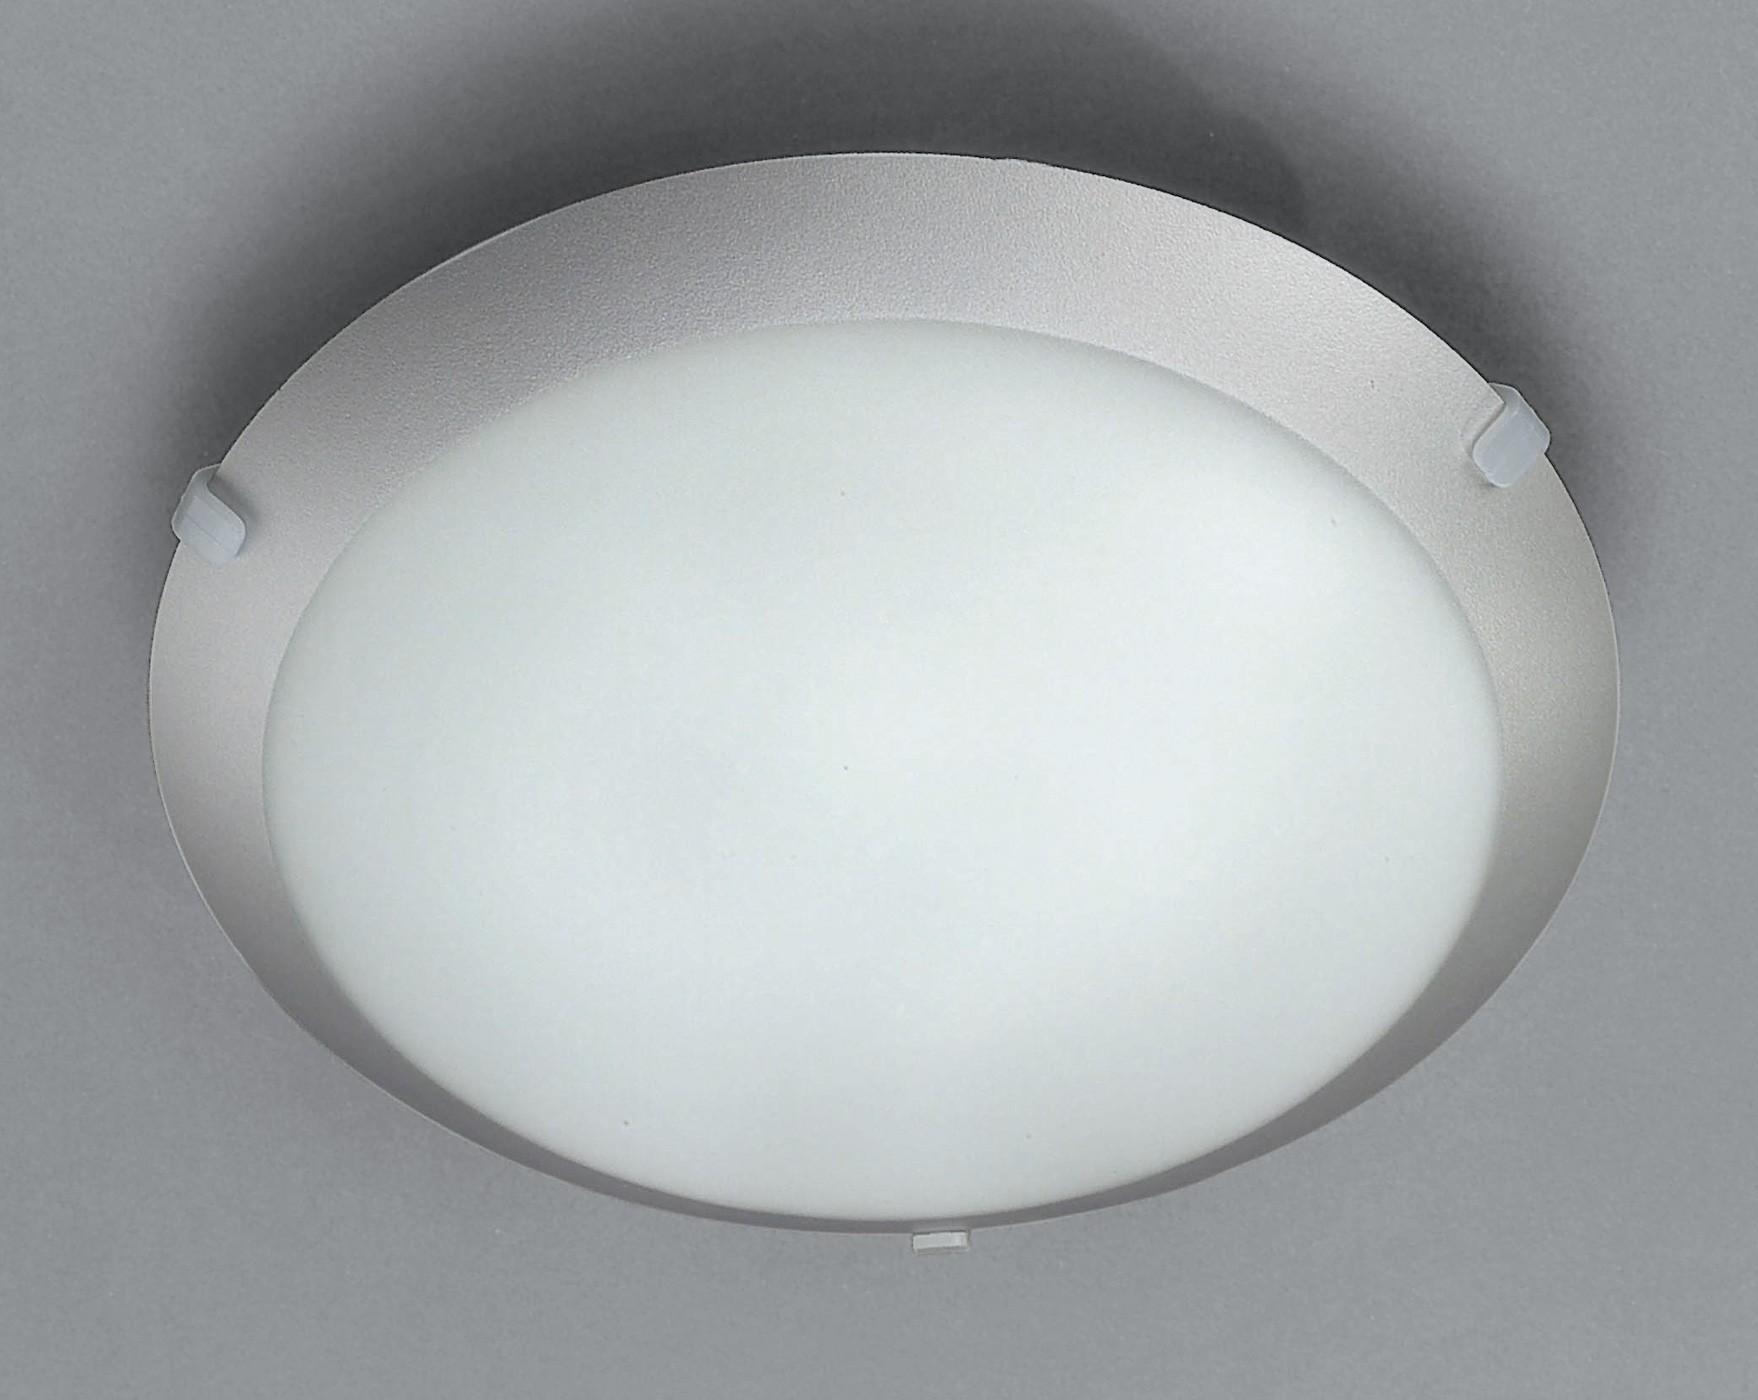 Energiespar Deckenleuchte Deckenlampe Weiss Modern 30160-67-15 Industriedepot/_24